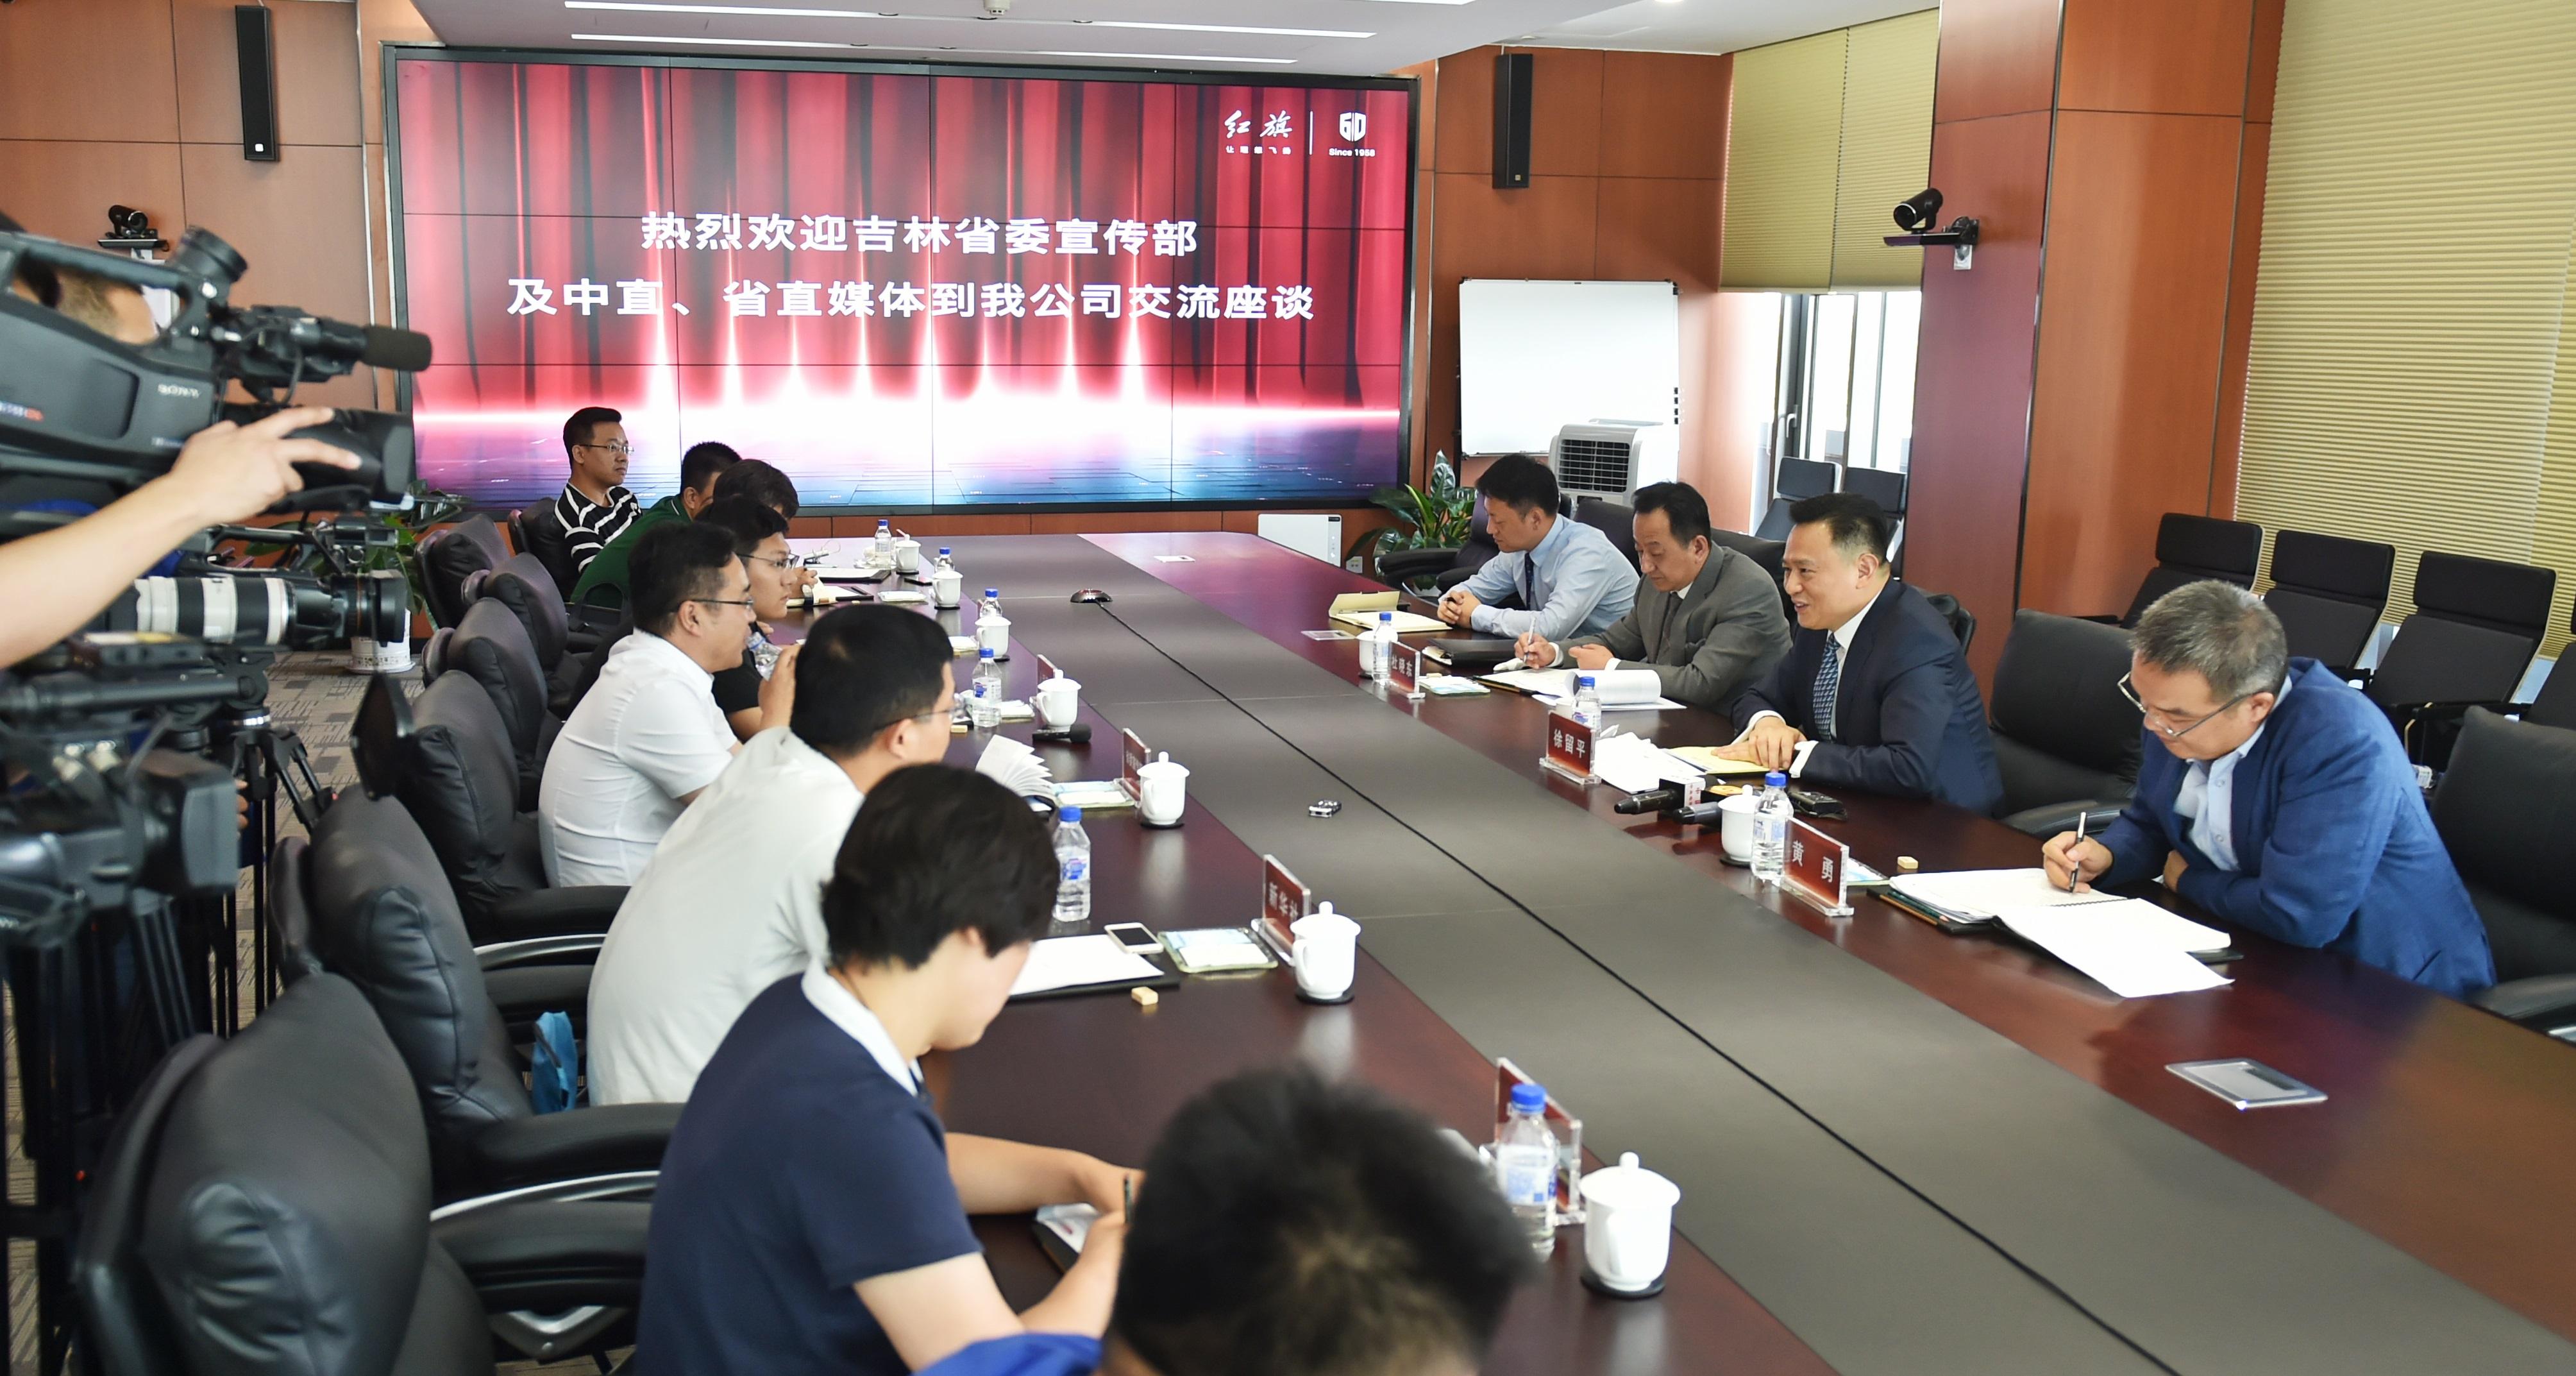 徐留平:用数据说话,唯有改革才能加速中国一汽的创新和发展